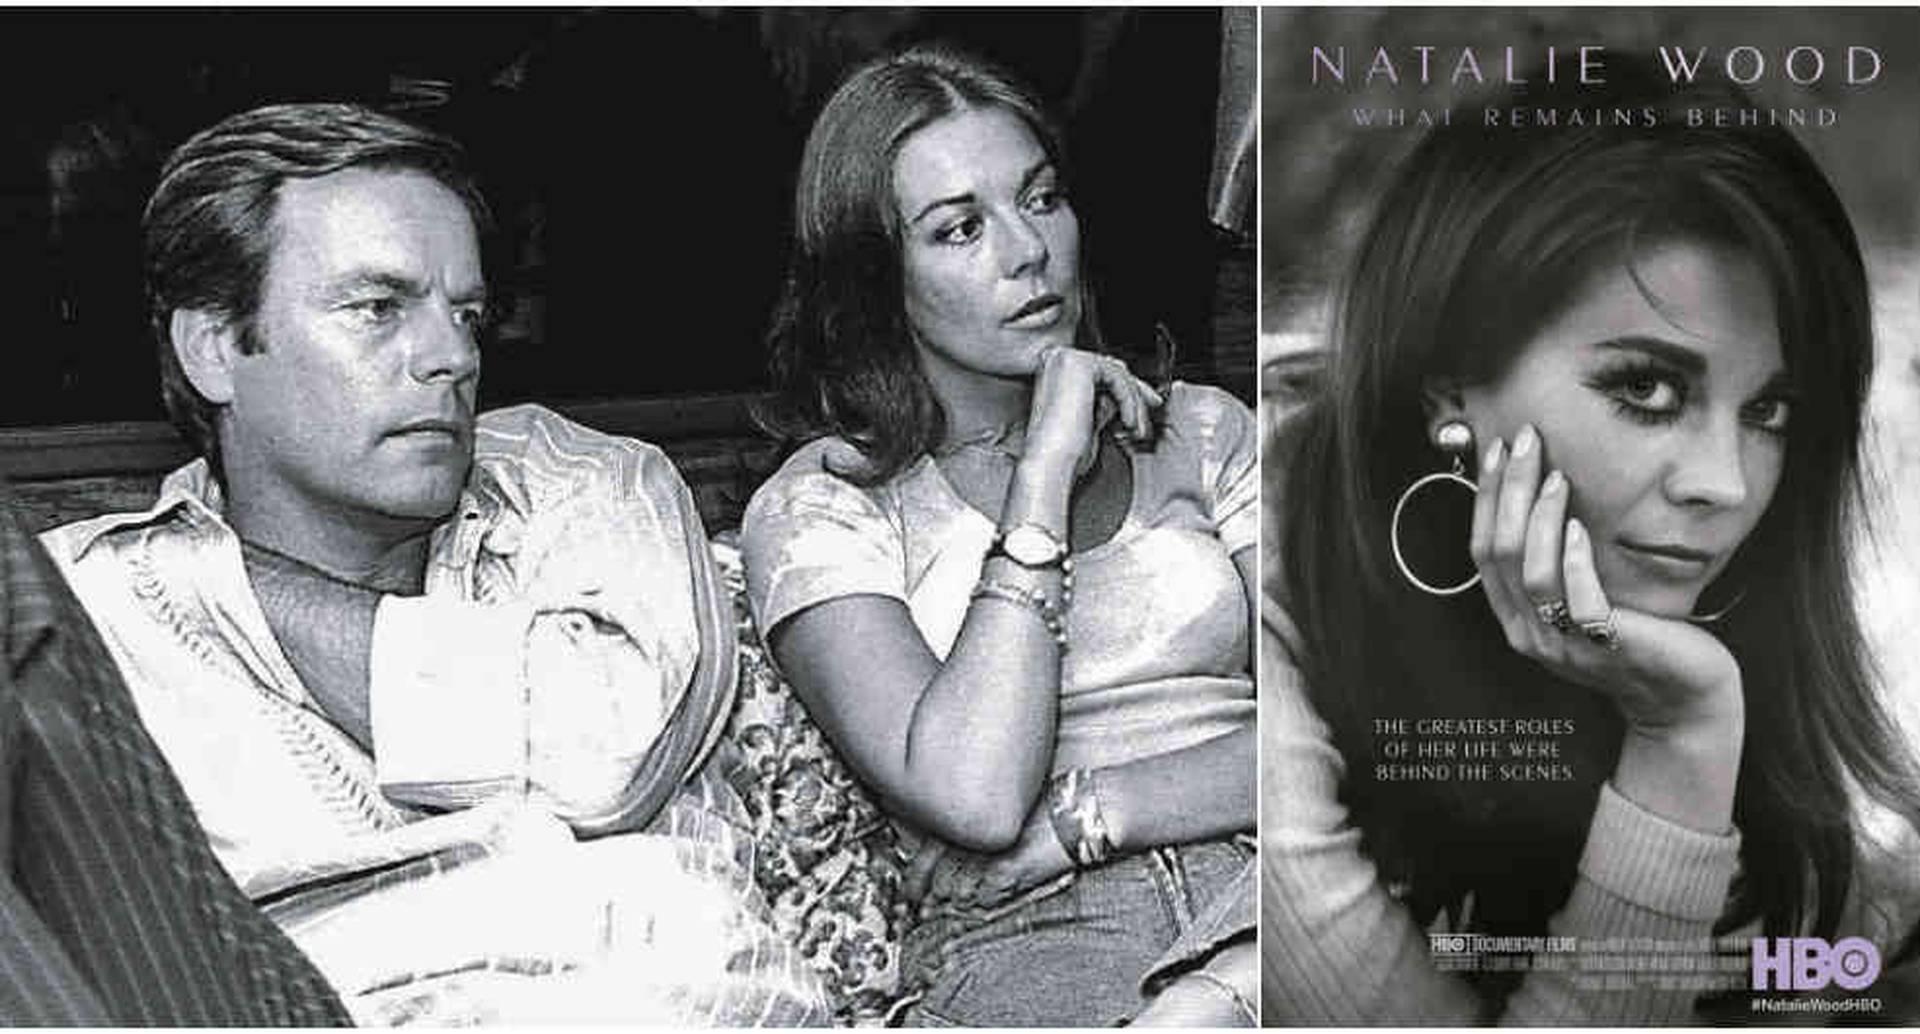 Robert Wagner y Natalie Wood sentados en el yate en el que ocurrieron los hechos que terminaron con la muerte de la actriz.